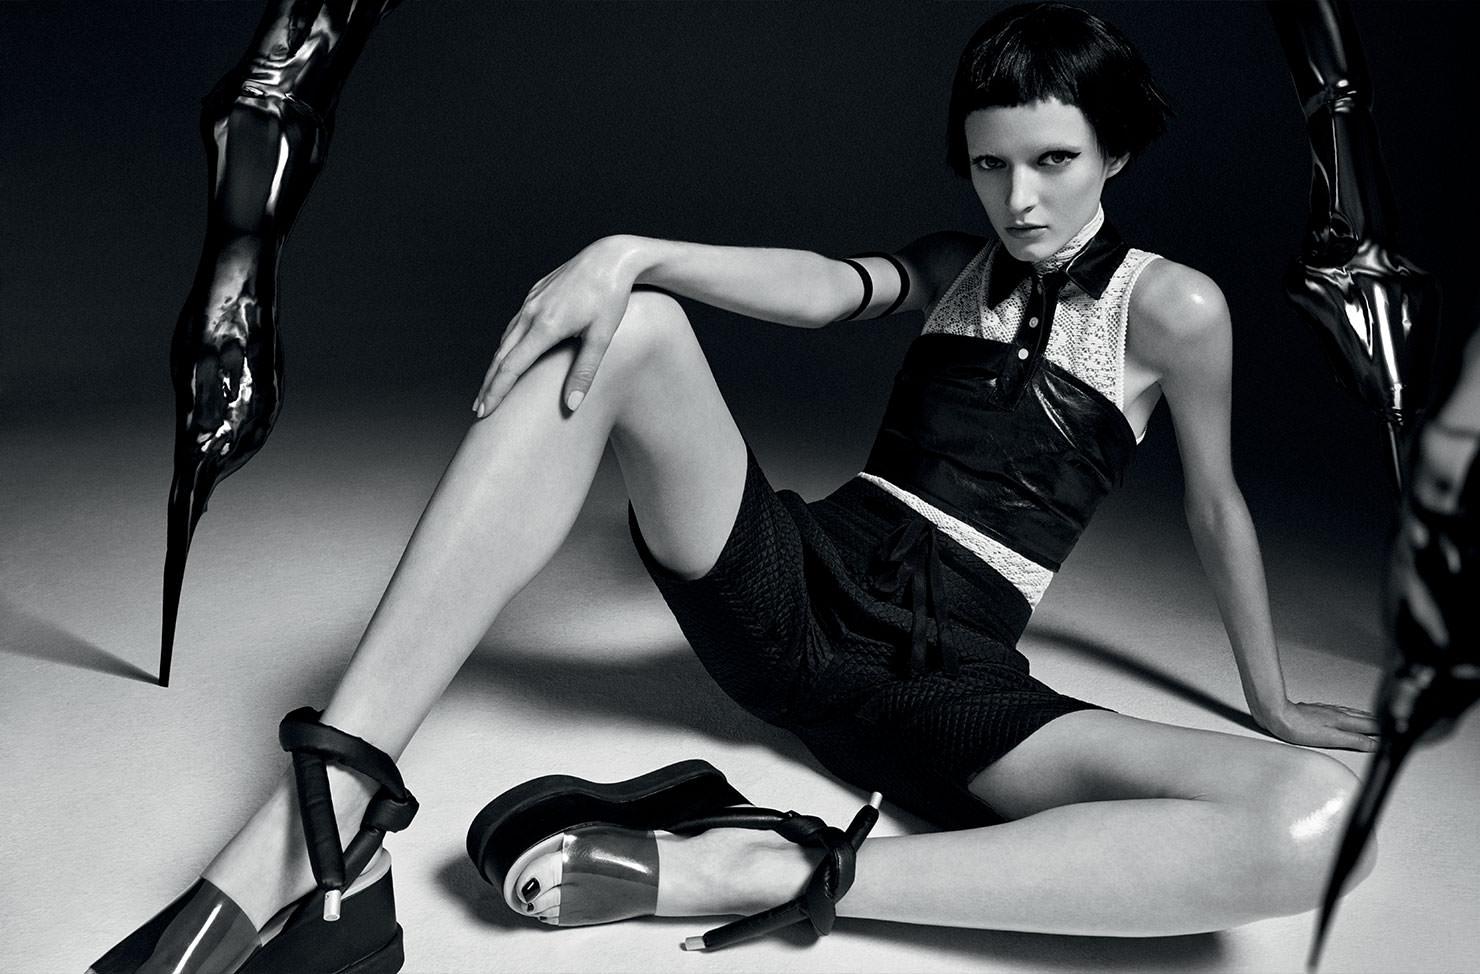 Haut sans manches en dentelle et short en soie, DIOR. Brassière en cuir, HOOD BY AIR. Chaussures, MM6 – MAISON MARTIN MARGIELA. Bracelets, CHROMAT.